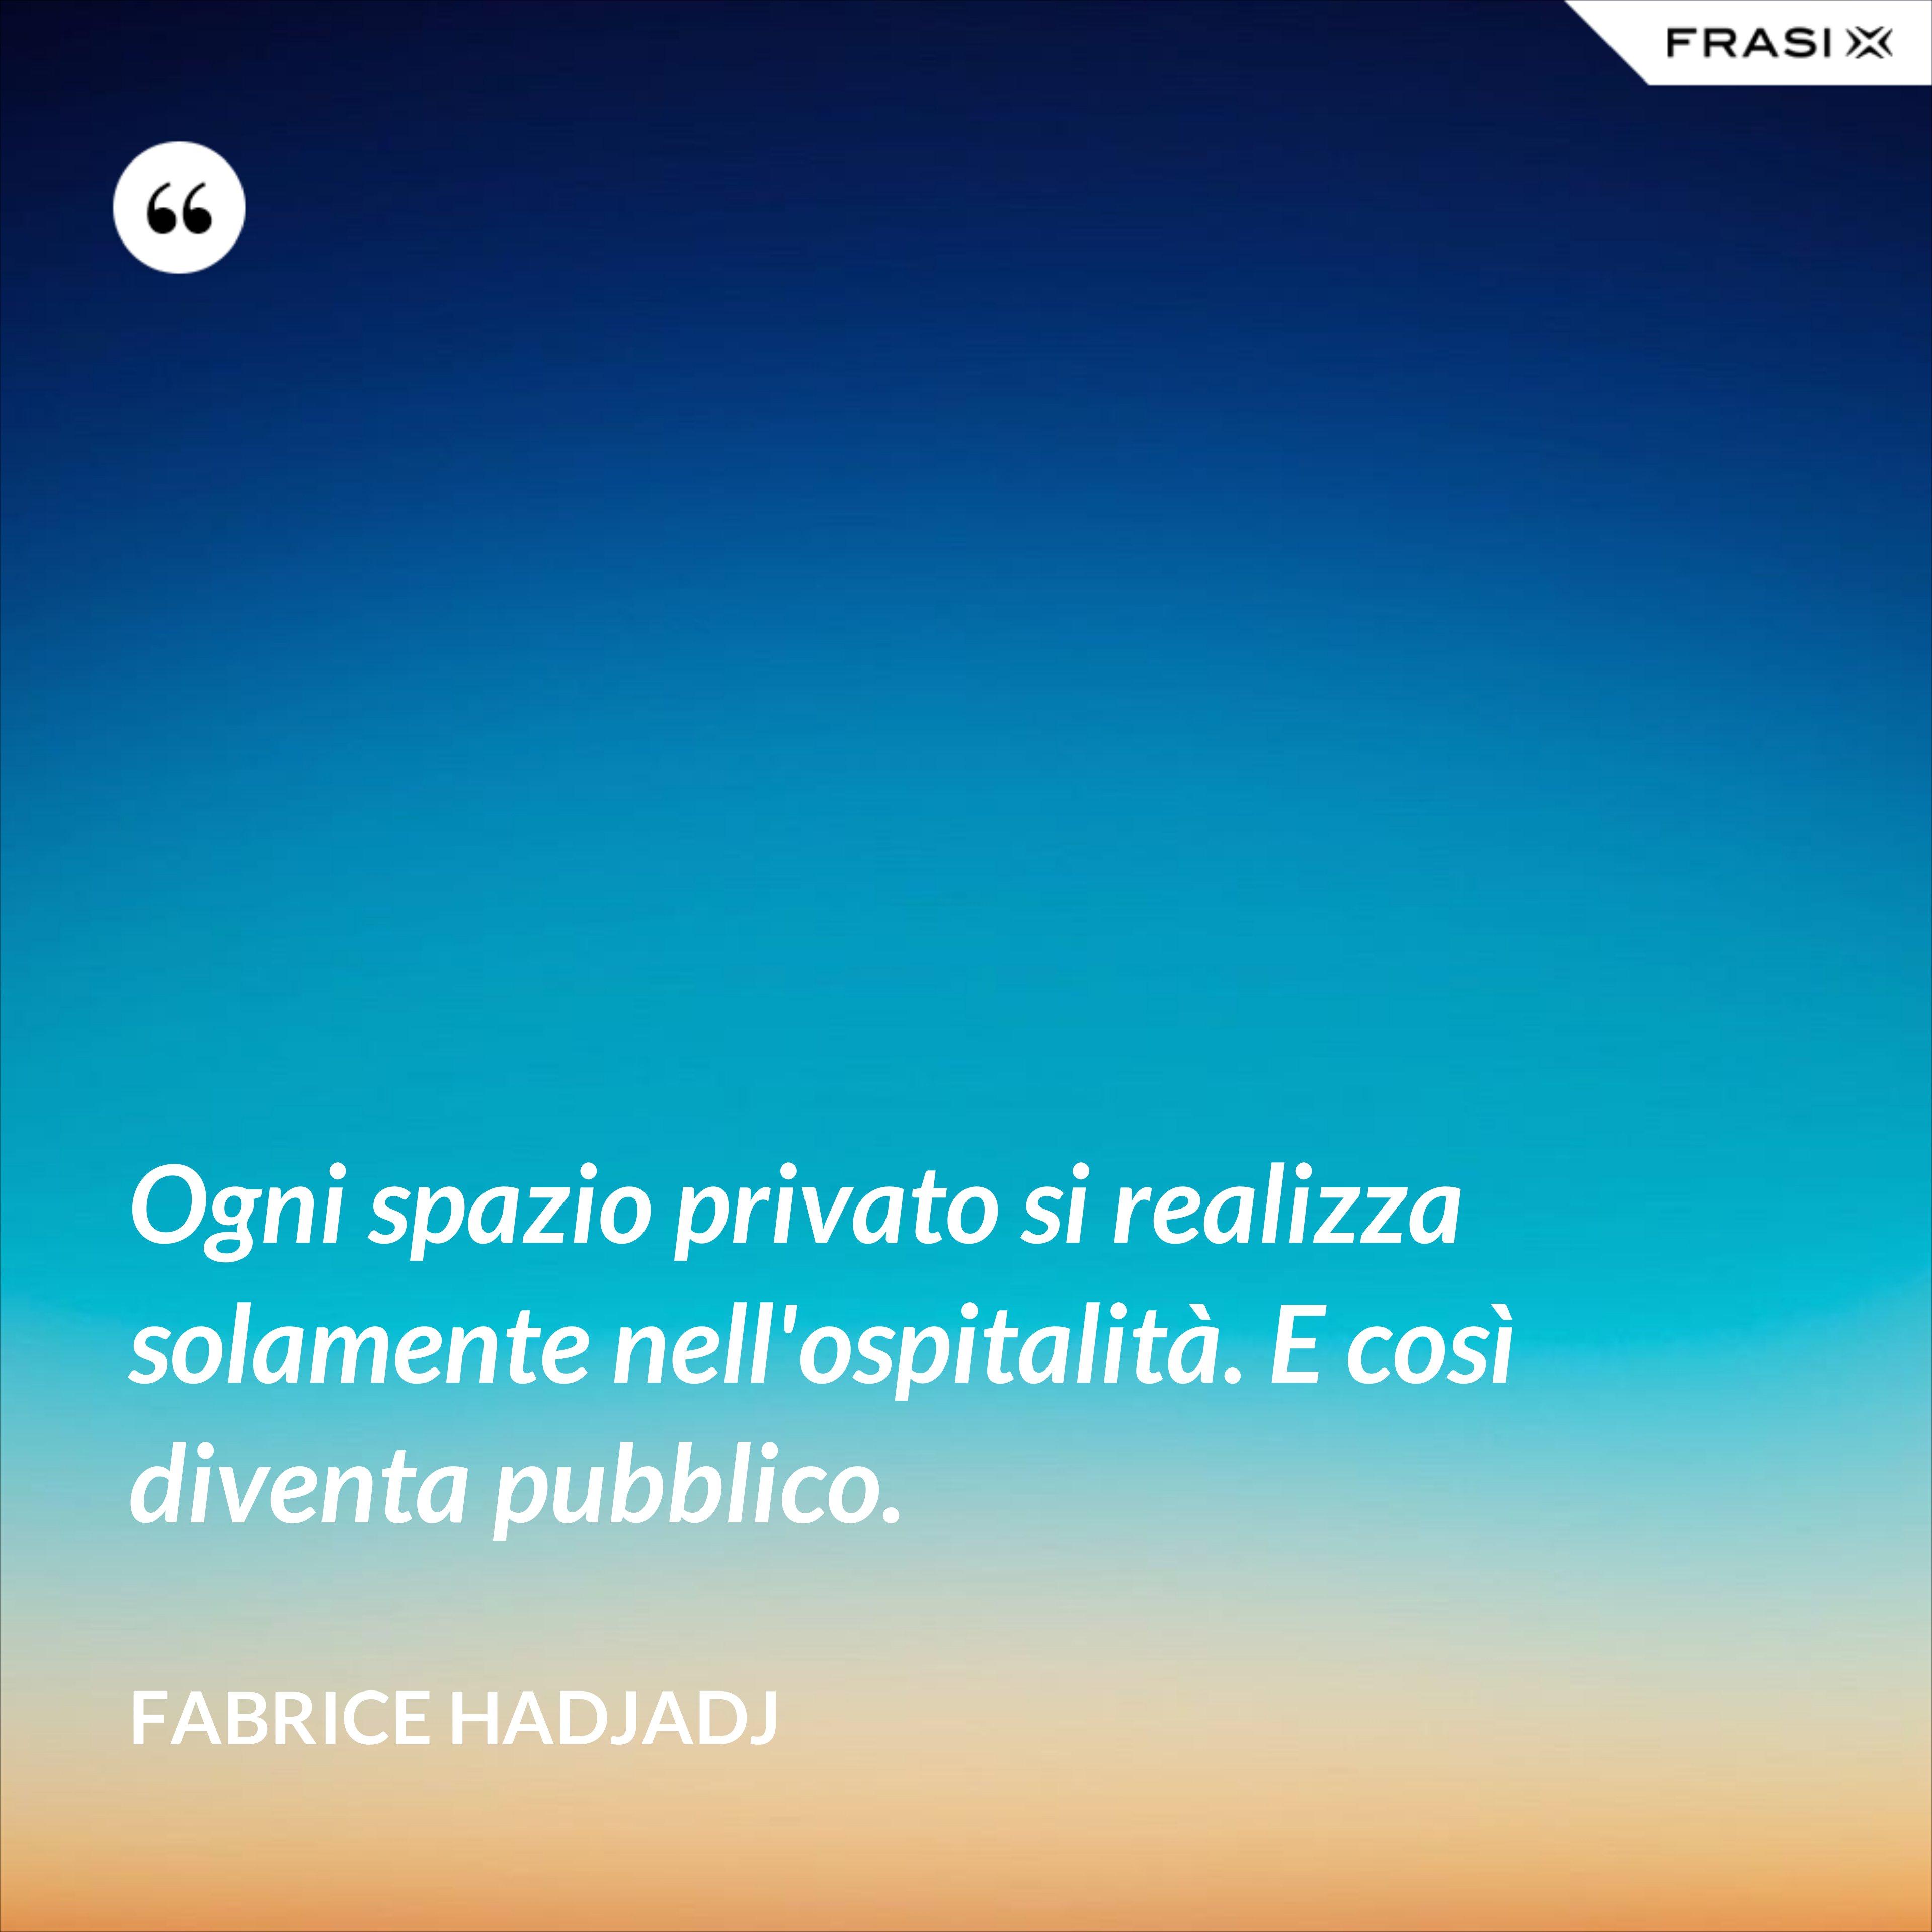 Ogni spazio privato si realizza solamente nell'ospitalità. E così diventa pubblico. - Fabrice Hadjadj